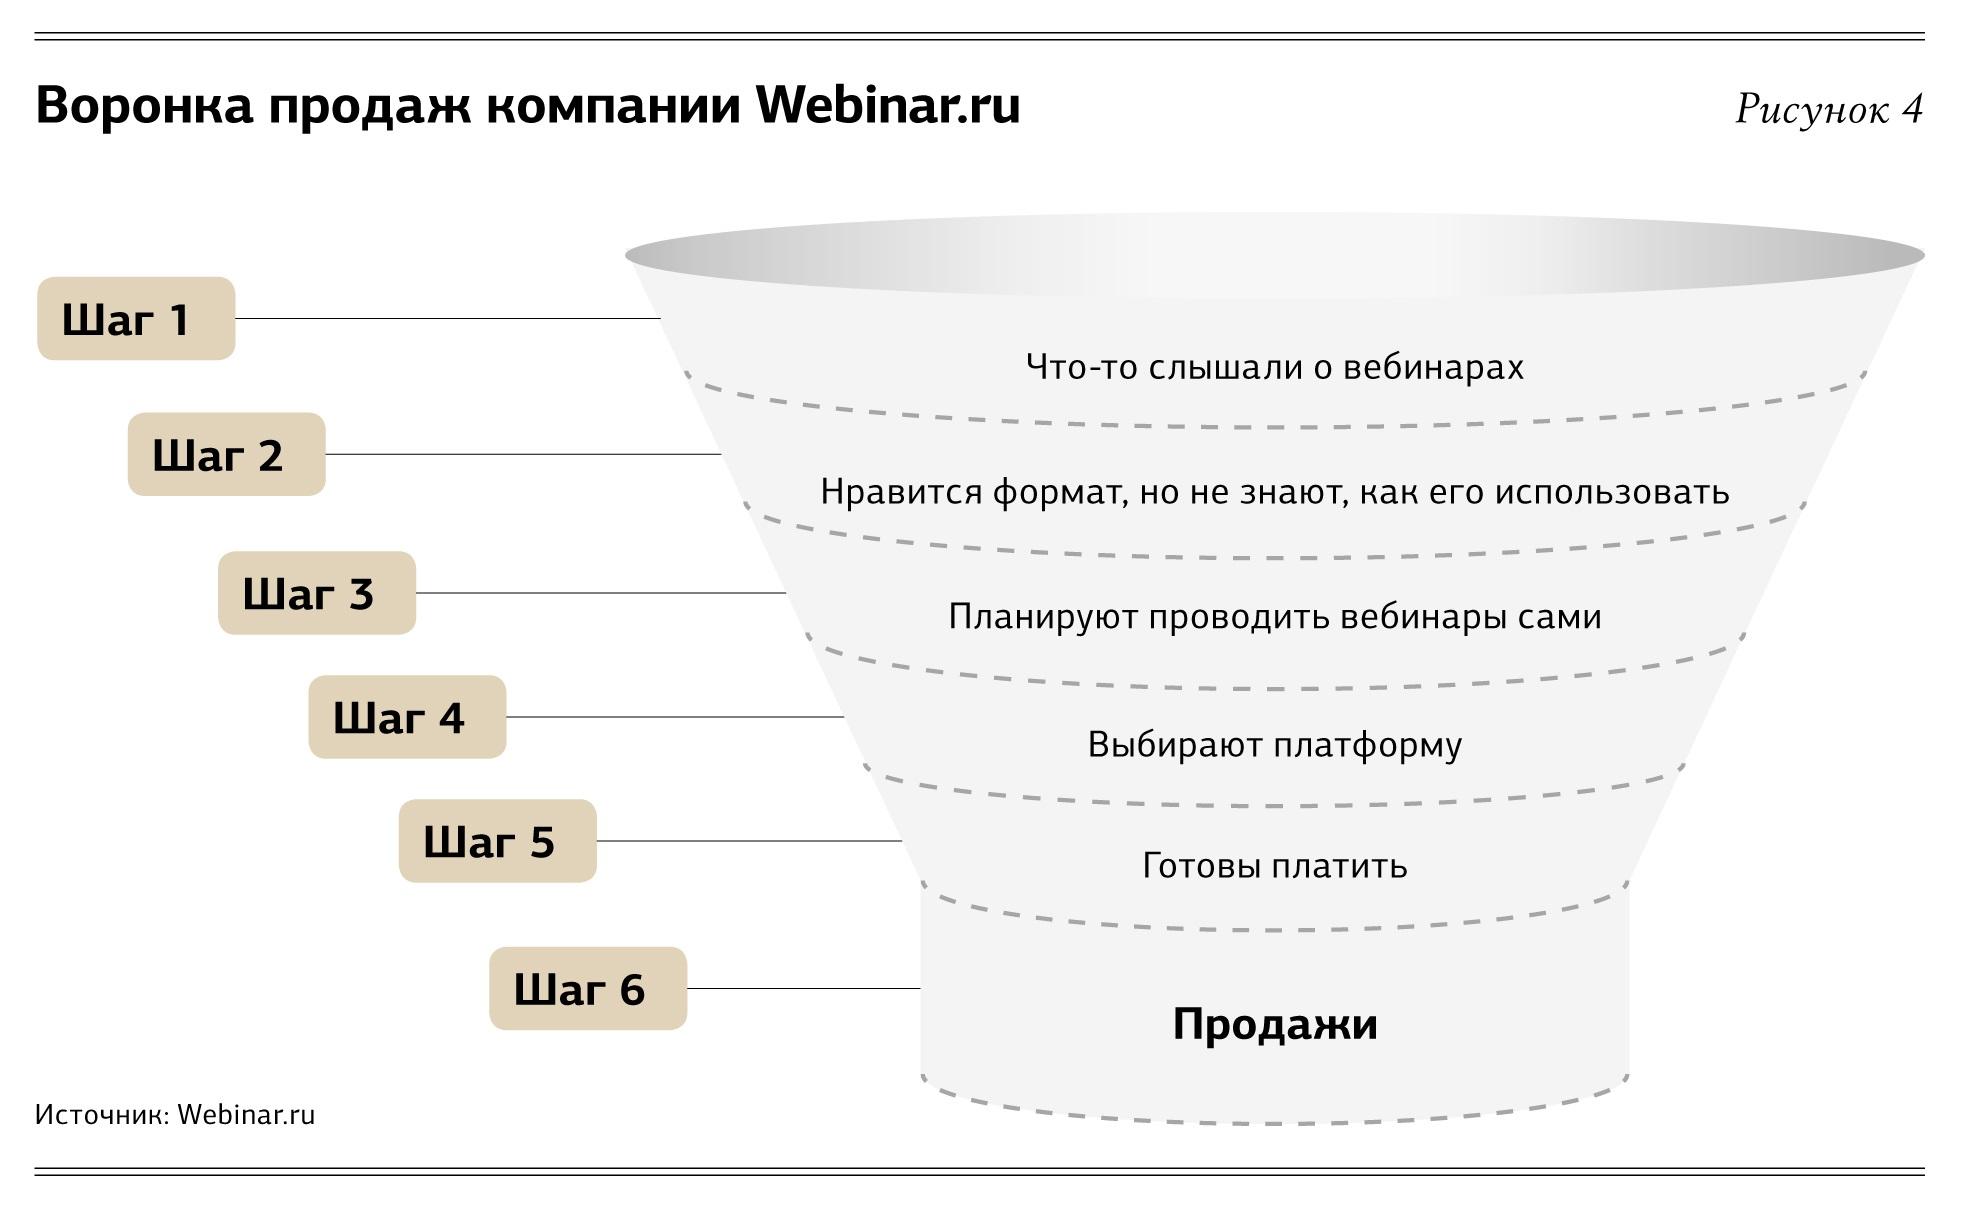 образец договора на телемаркетинговые услуги